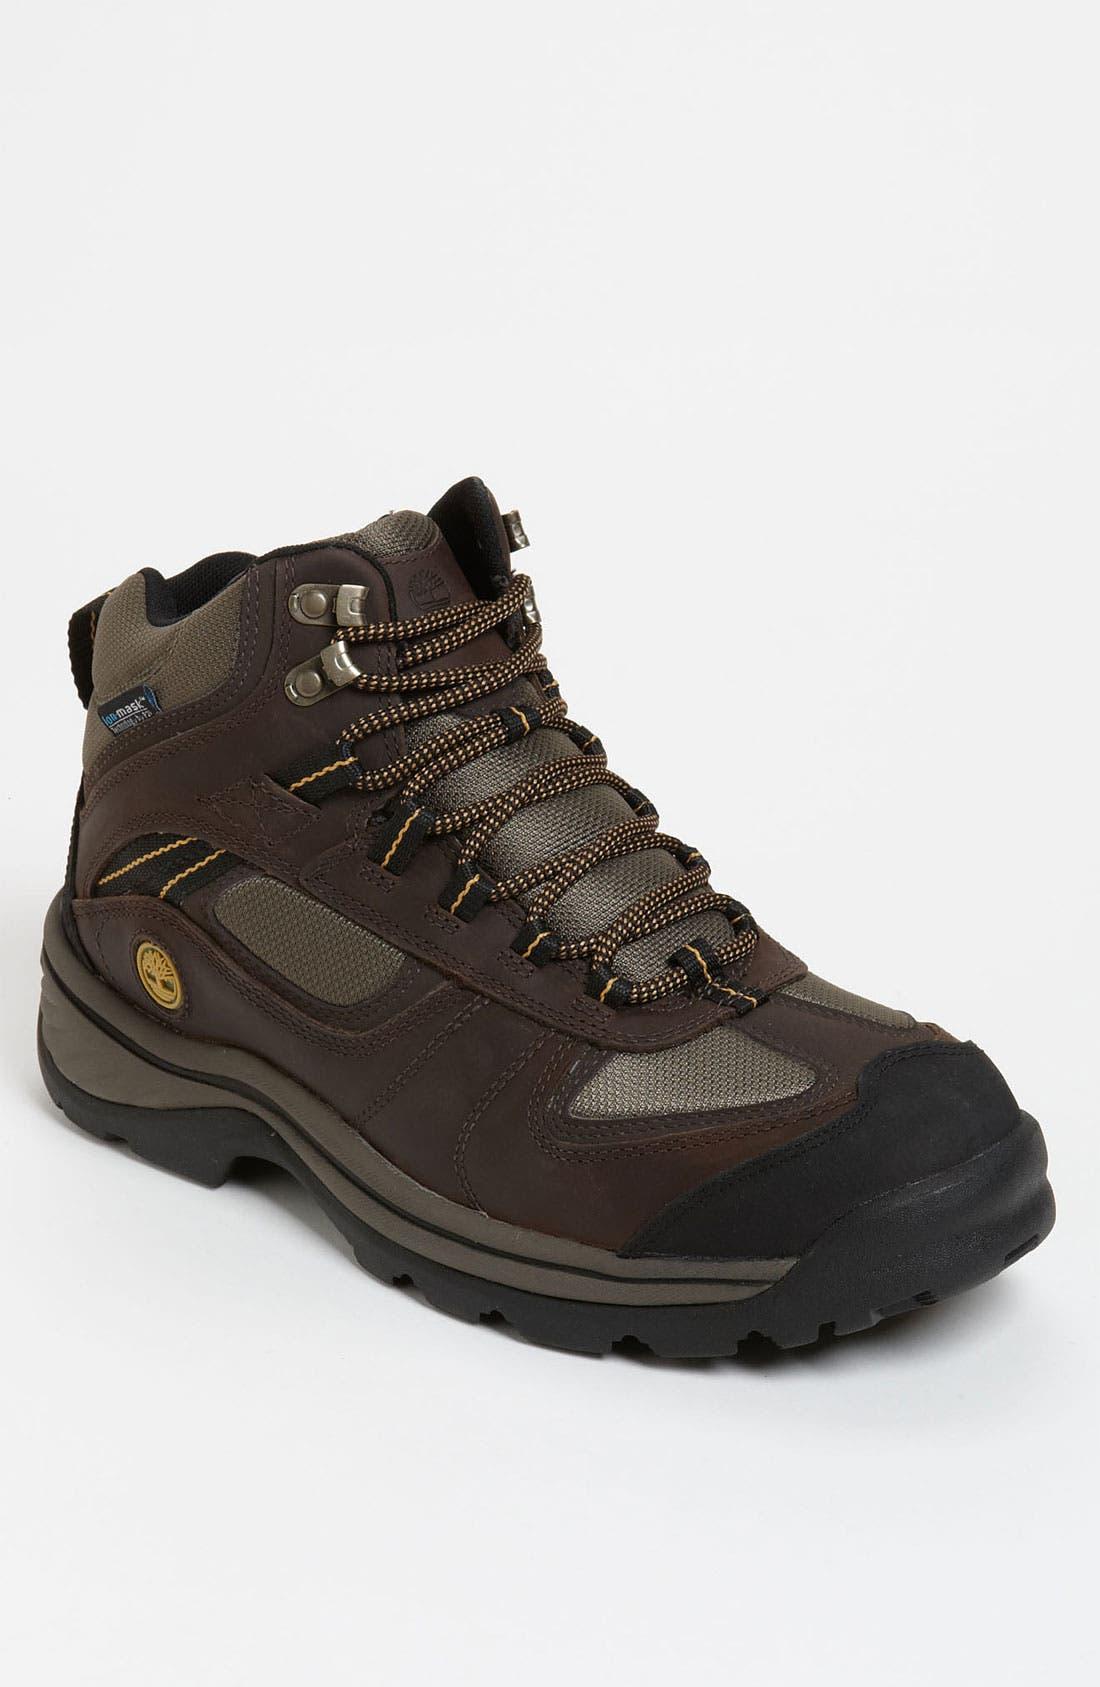 Main Image - Timberland 'Chochorua Trail FTP' Hiking Boot (Men)